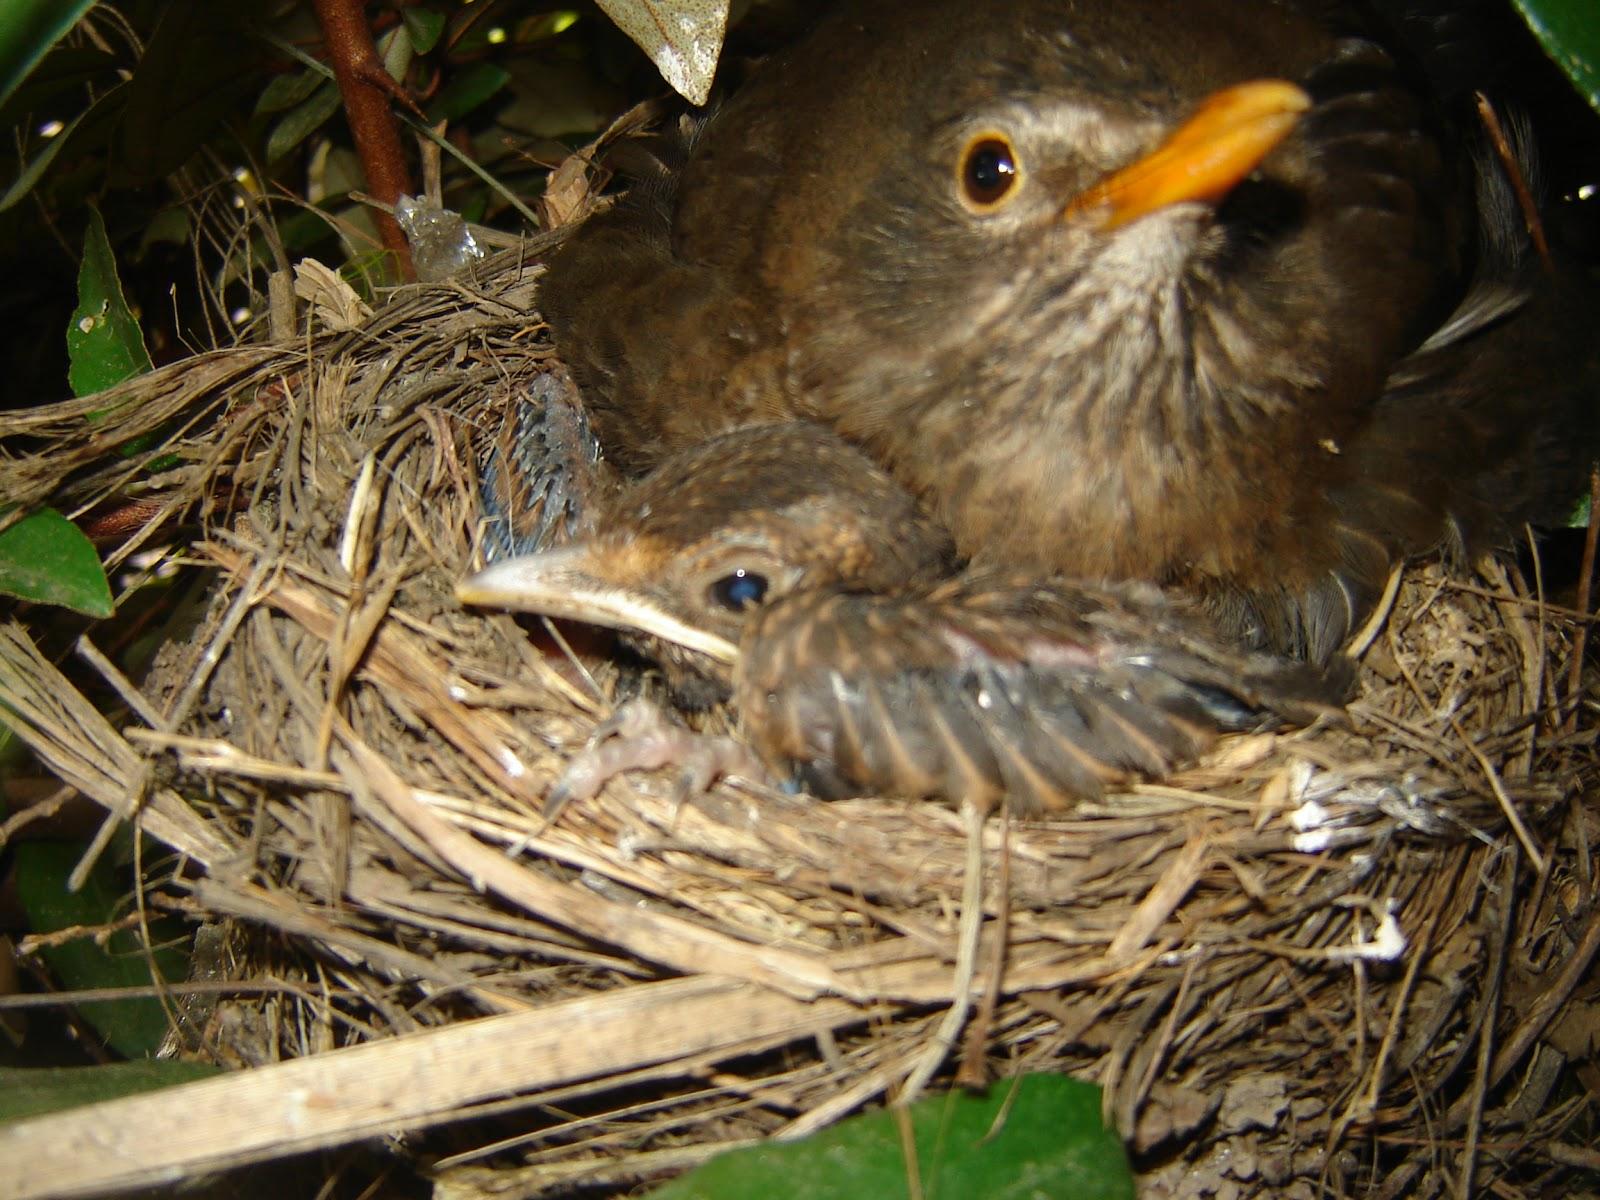 THOU SHALT NOT EAT THE MOTHER BIRD